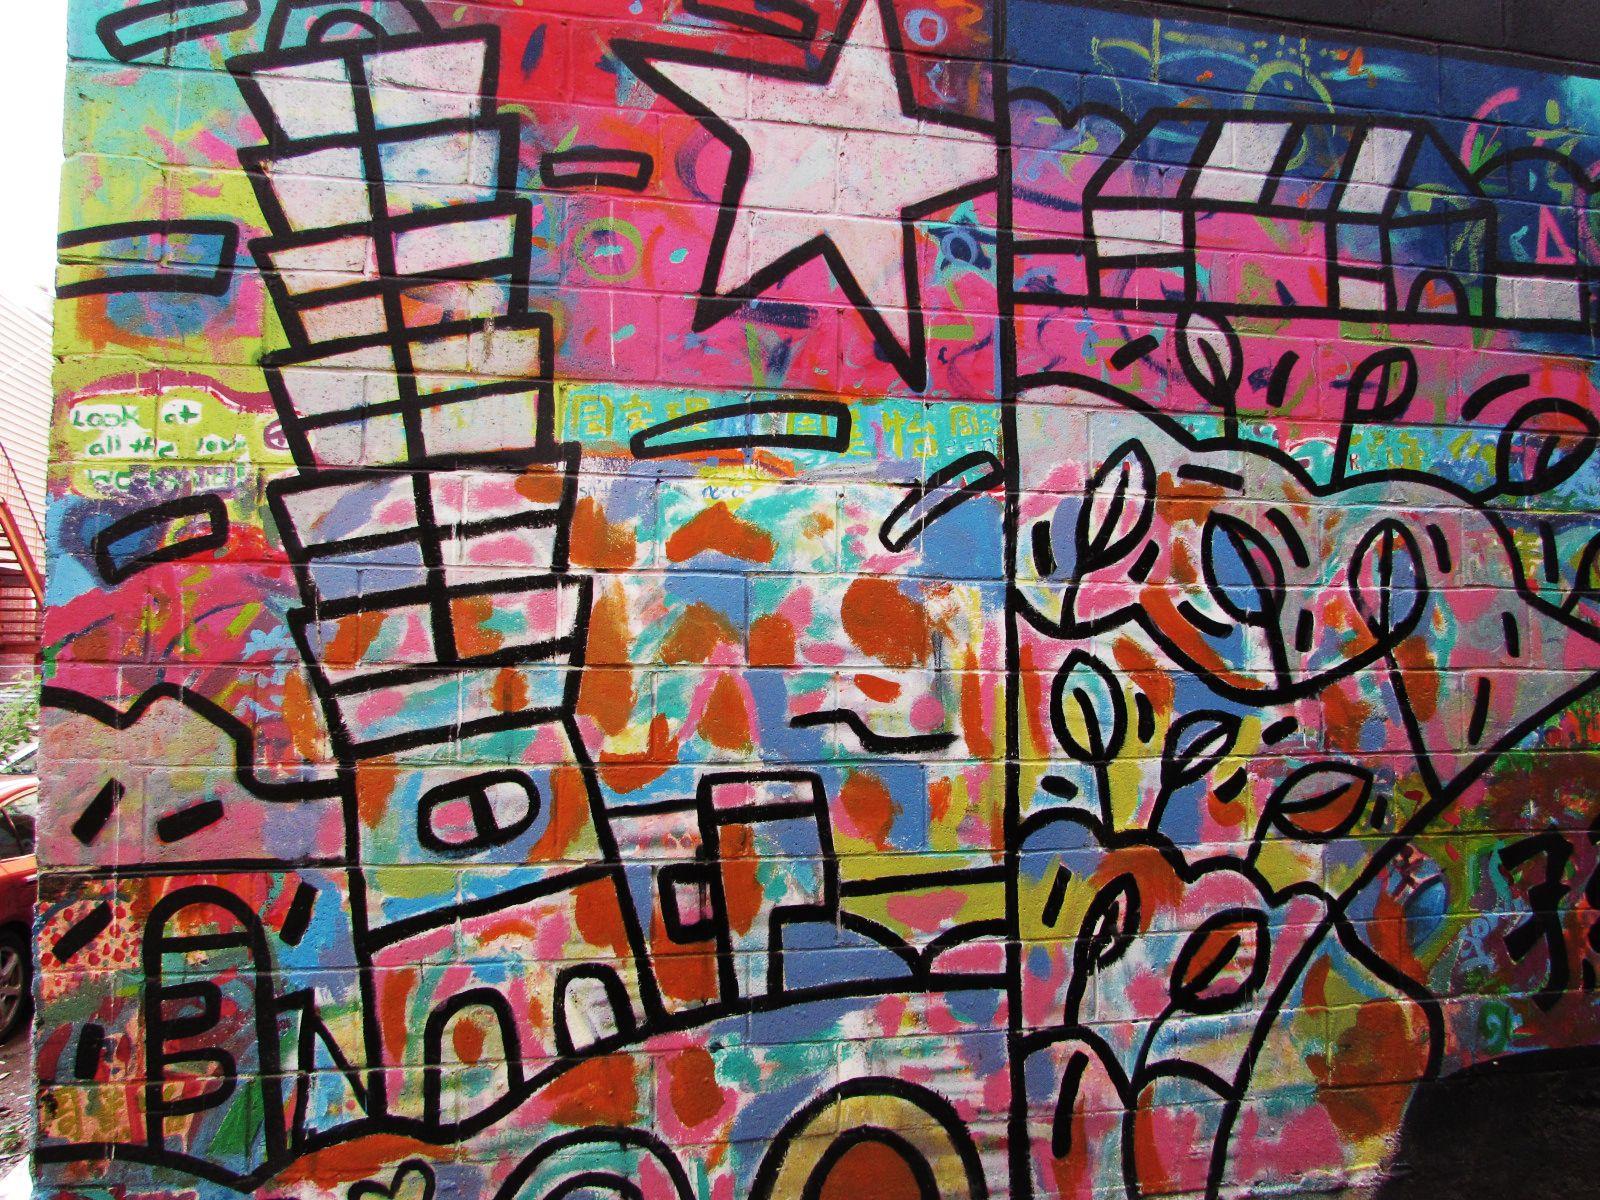 Graffiti wall calgary - Laneway Graffiti In Chinatown Celebrating Chinese Heritage